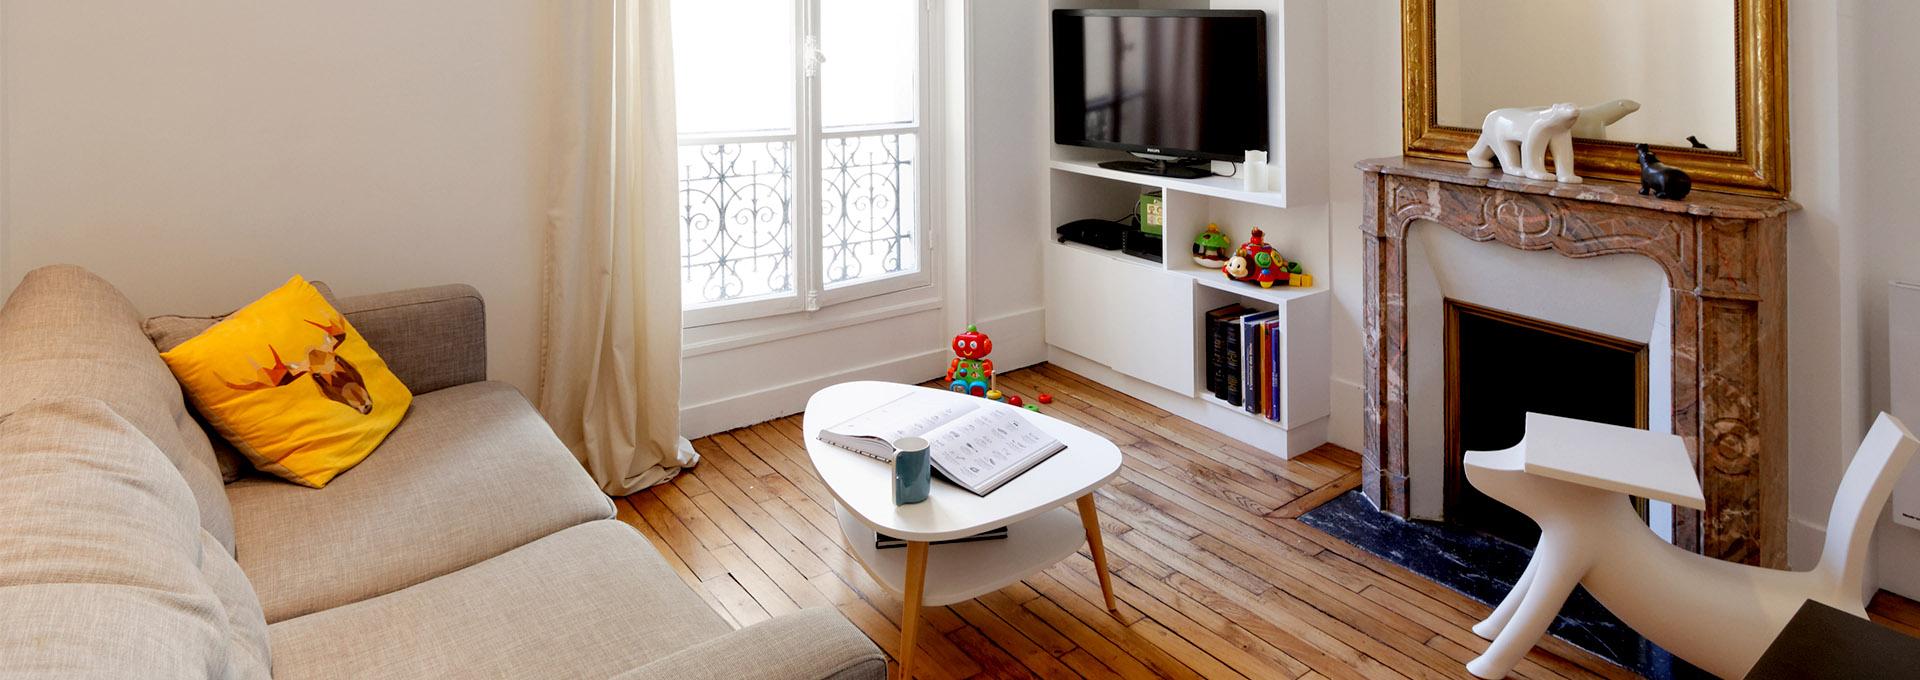 Agence Avous Appartement Batignolles parquet renove cheminee